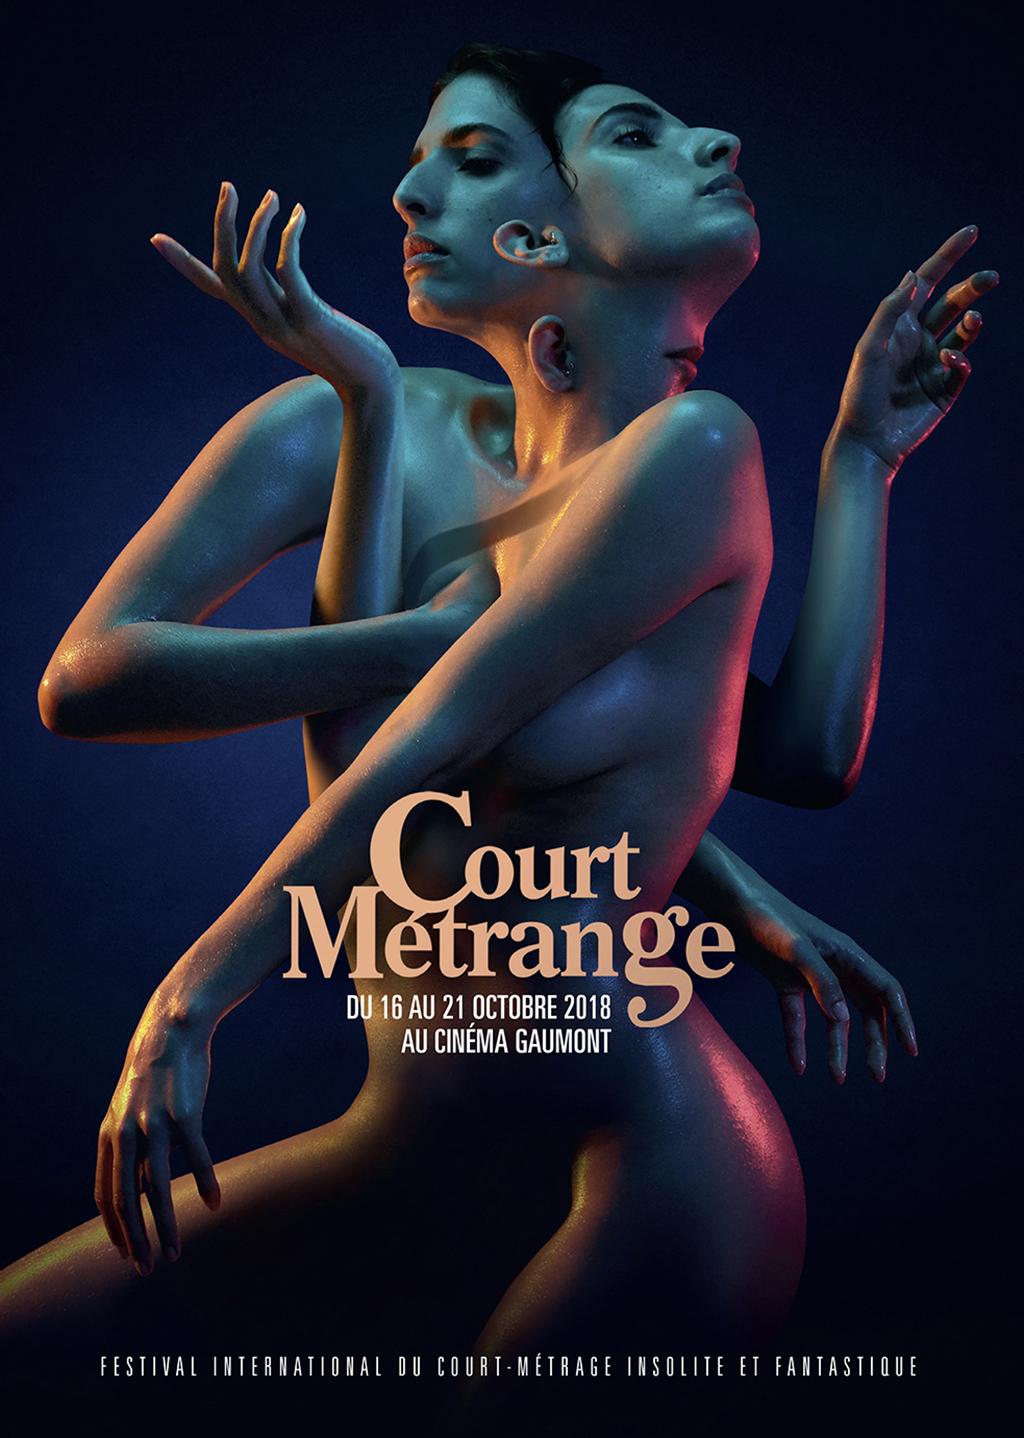 Illustration de l'affiche pour le Festival Court Métrange 2018 – © Agence Kerozen, 2018 – © Court Métrange 2018